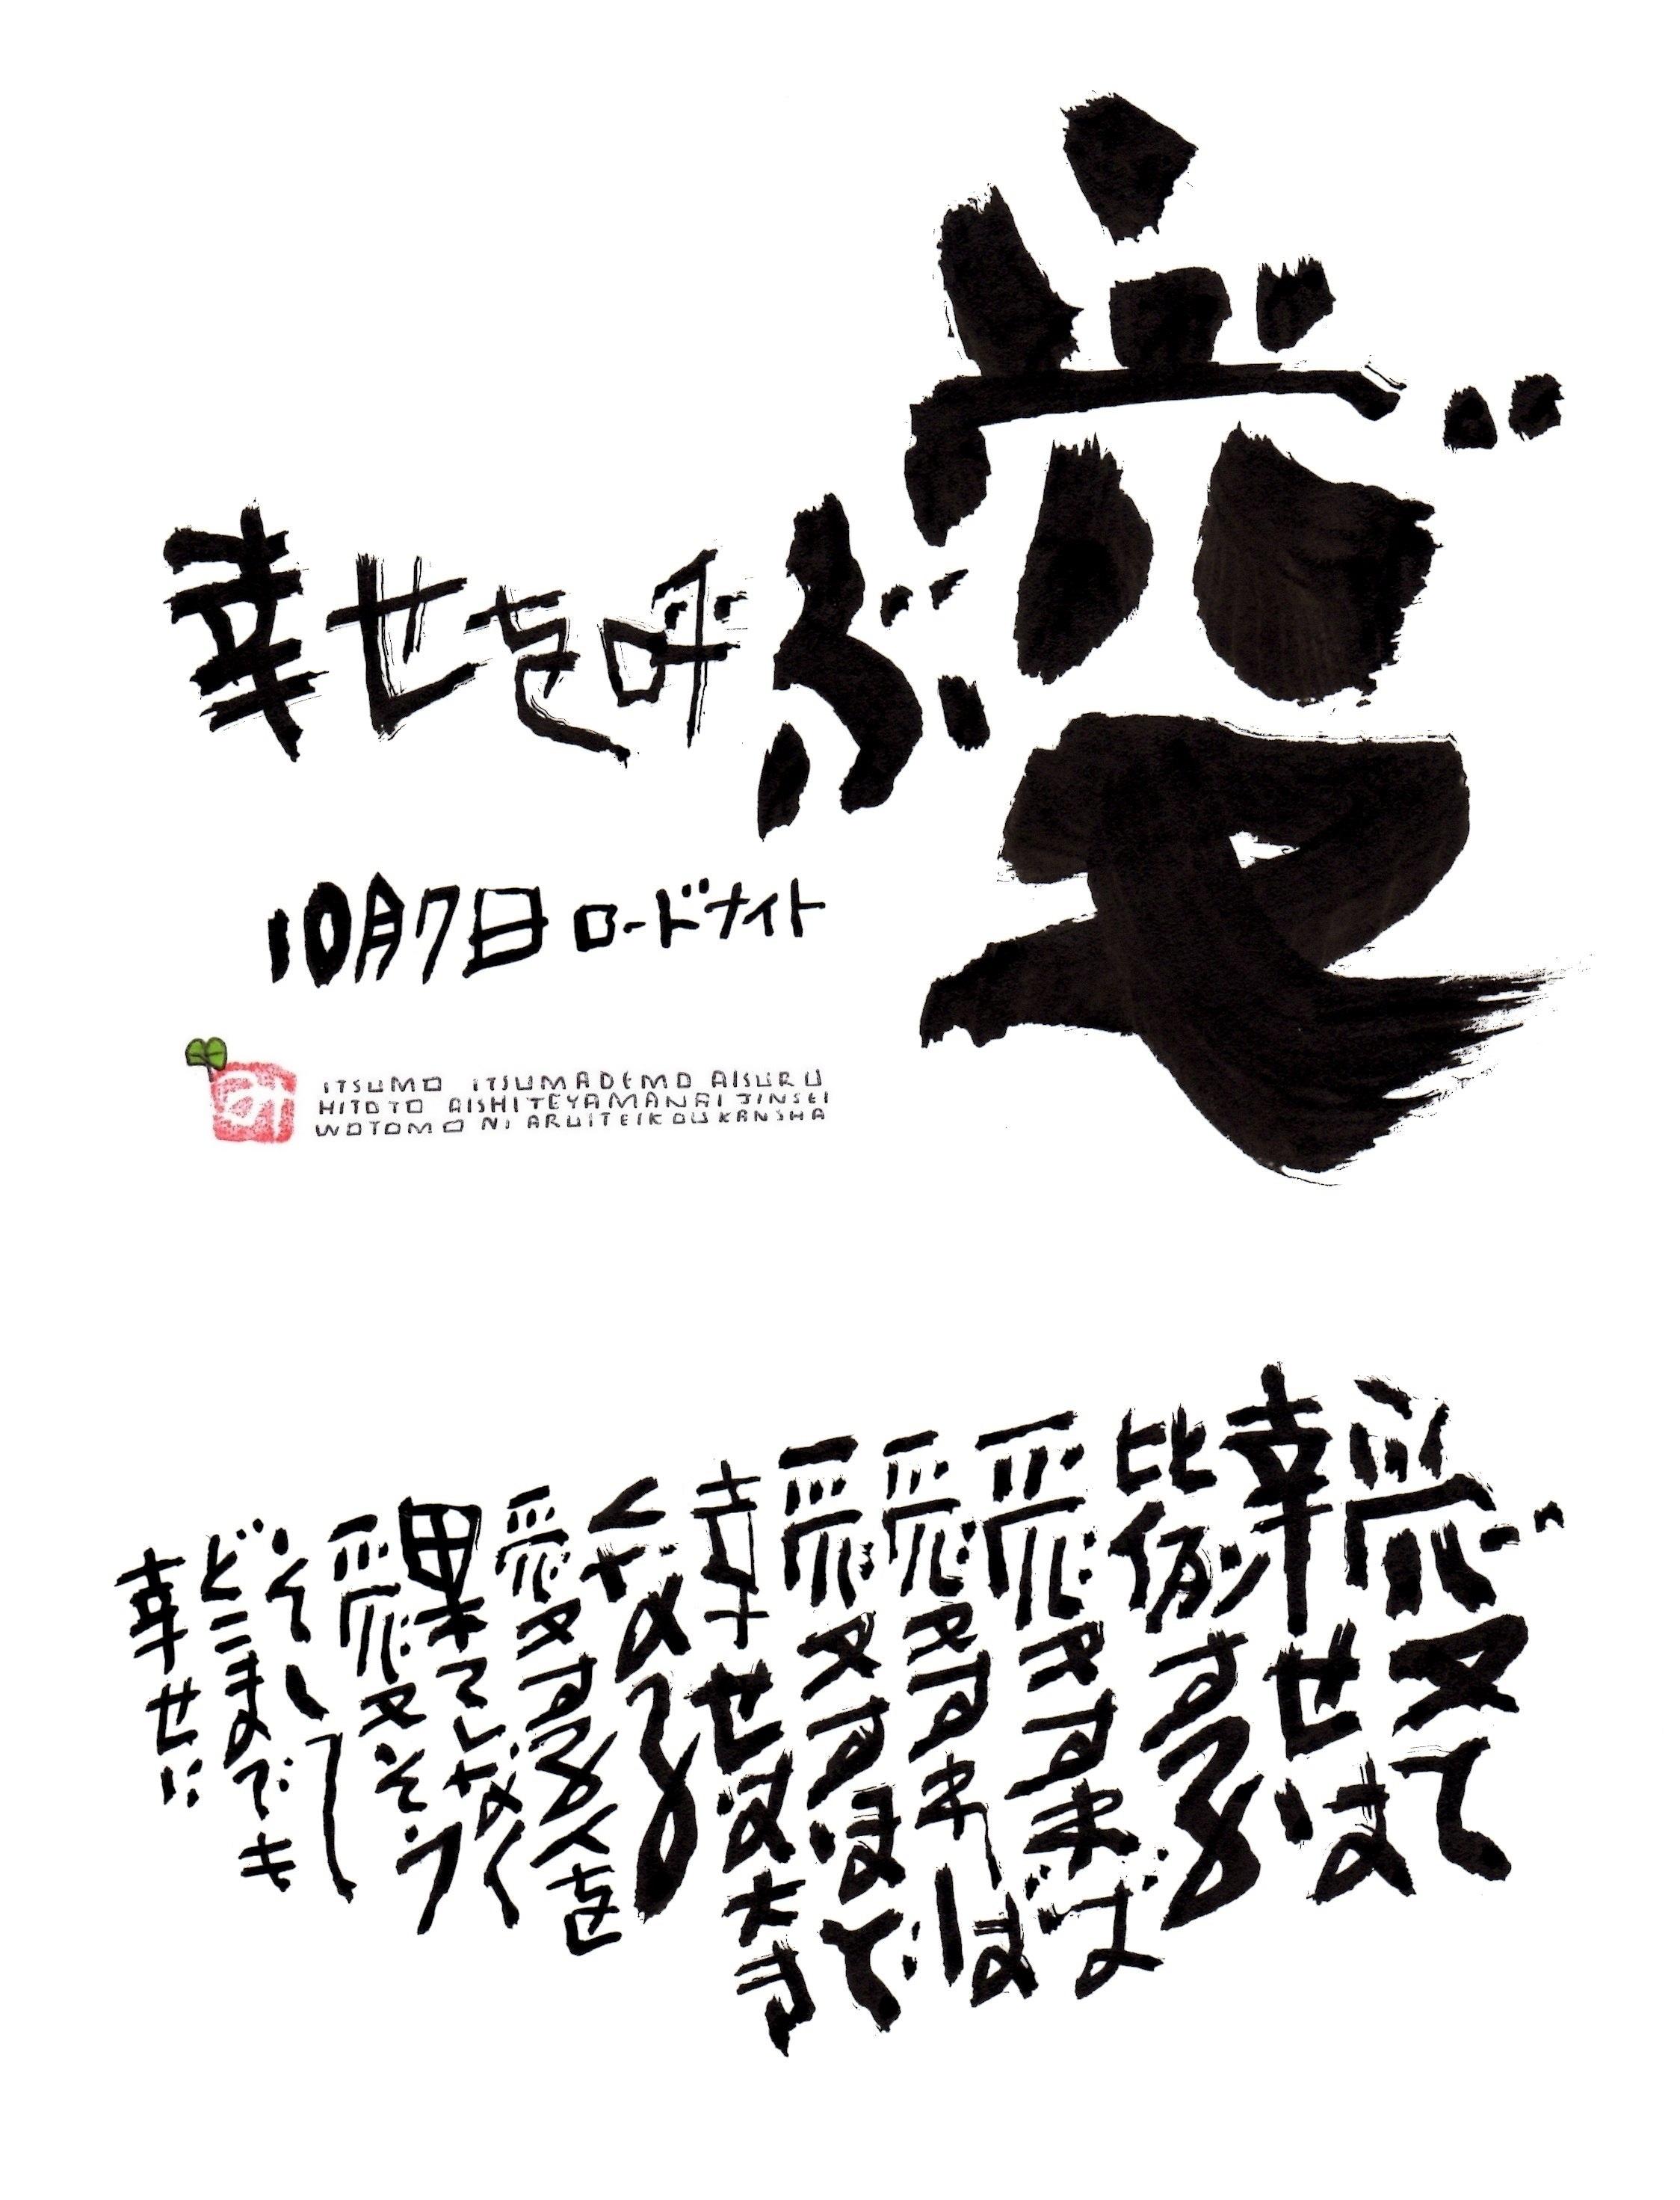 10月7日 結婚記念日ポストカード【幸せを呼ぶ愛】